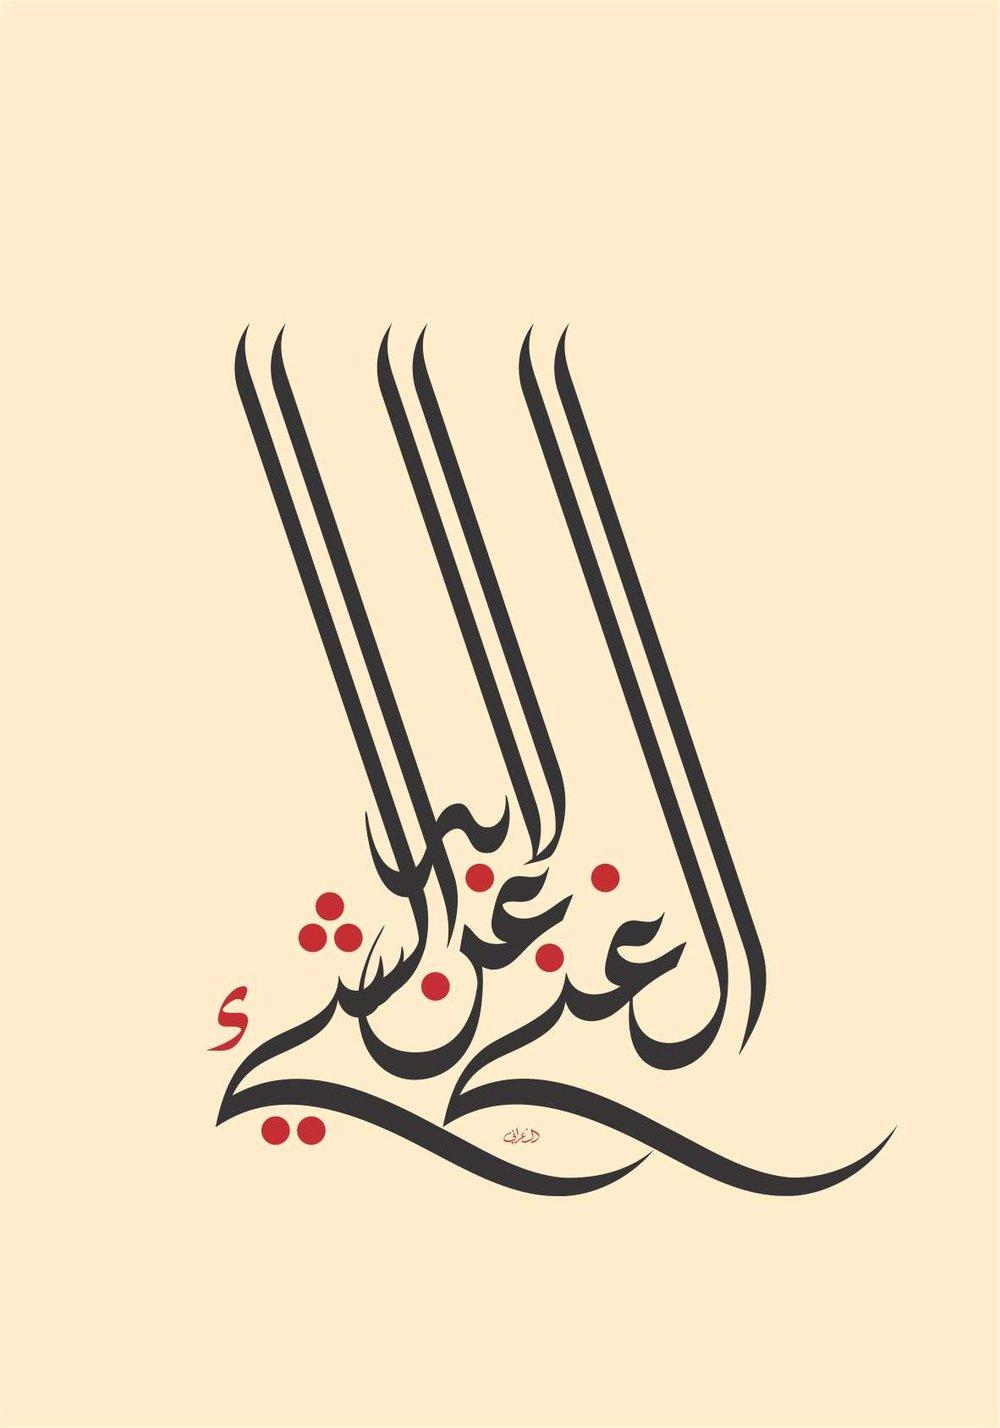 الغنى عن الشئ لا به - Riches are from things not for them.jpg